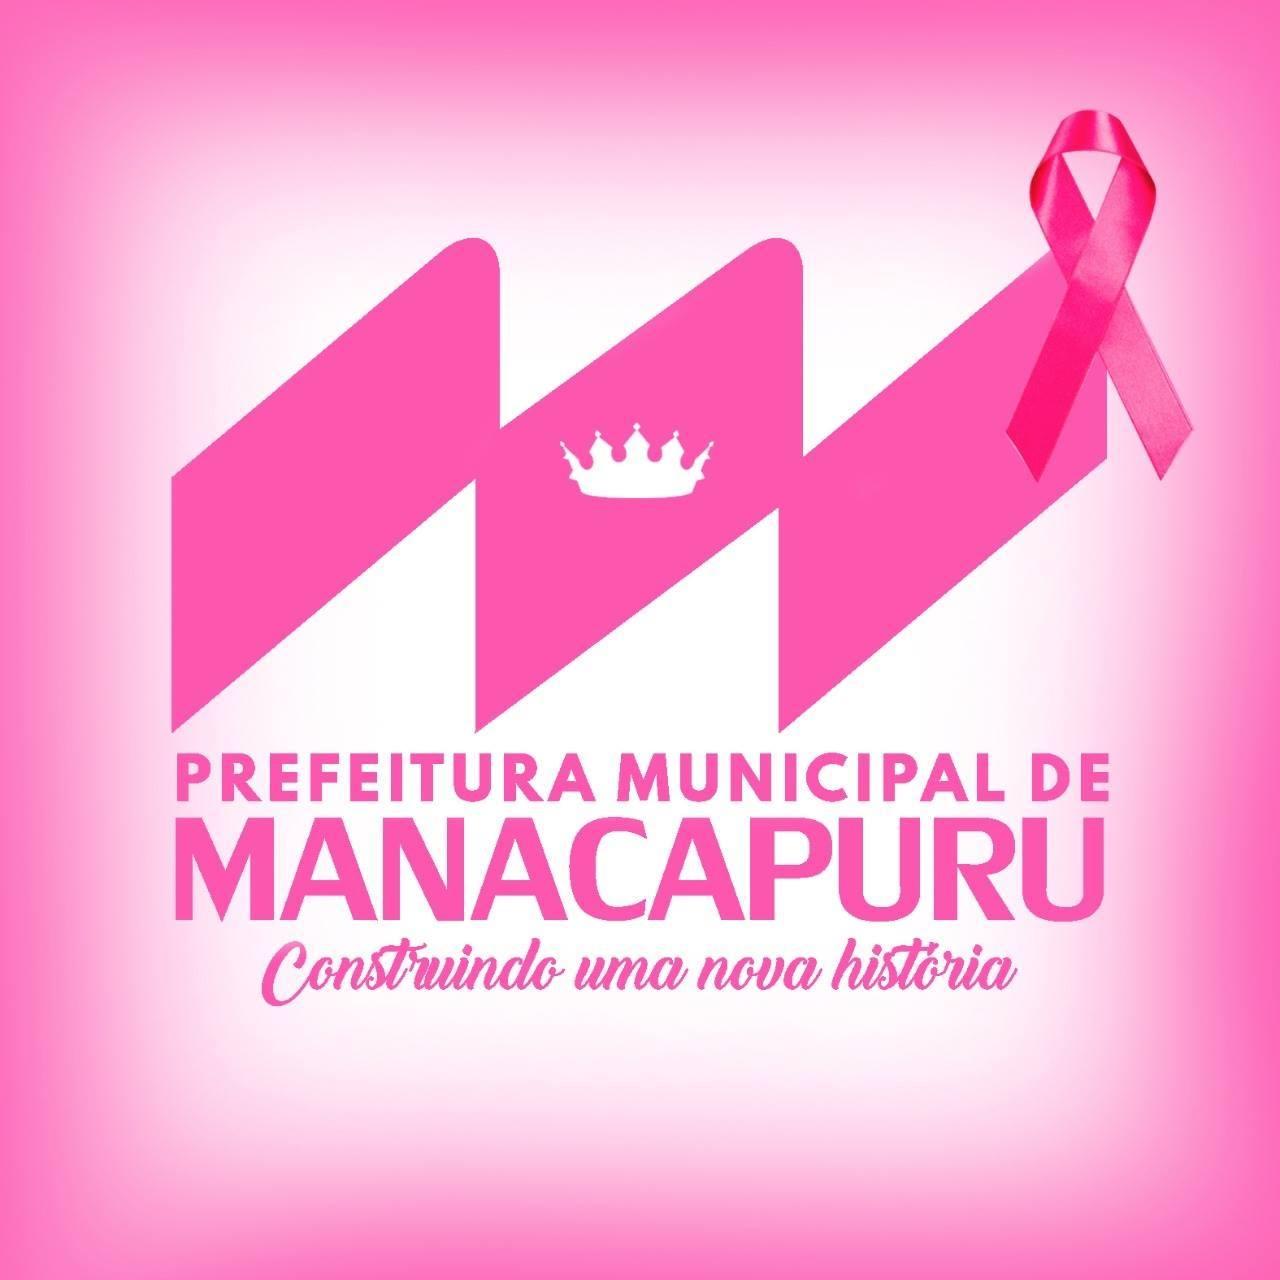 Manacapuru